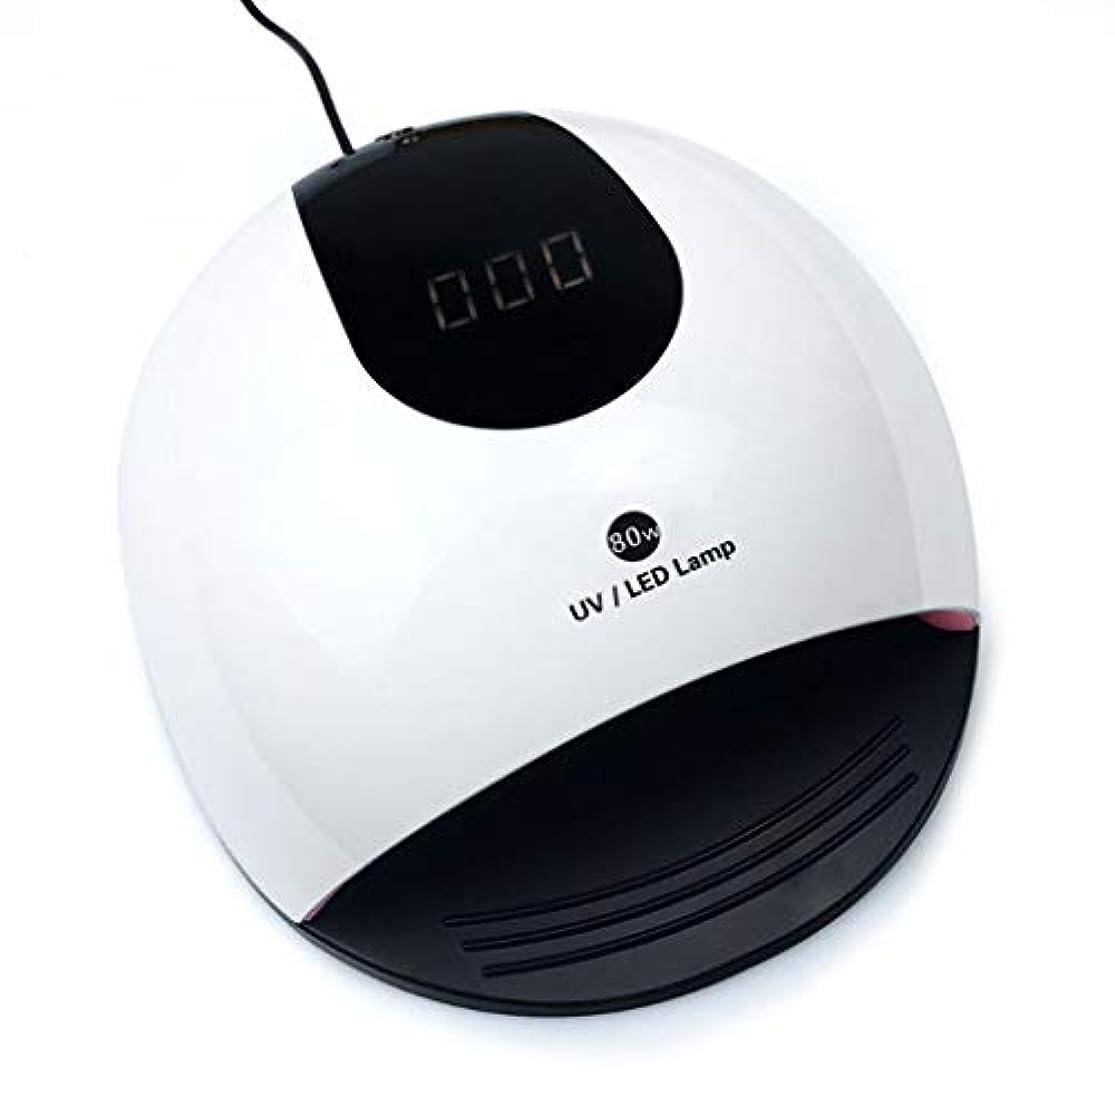 容器ペア切り離すYHSUNN 80W自動センサーLED UVネイルランプジェルポリッシュドライヤーライトマニキュア療法機